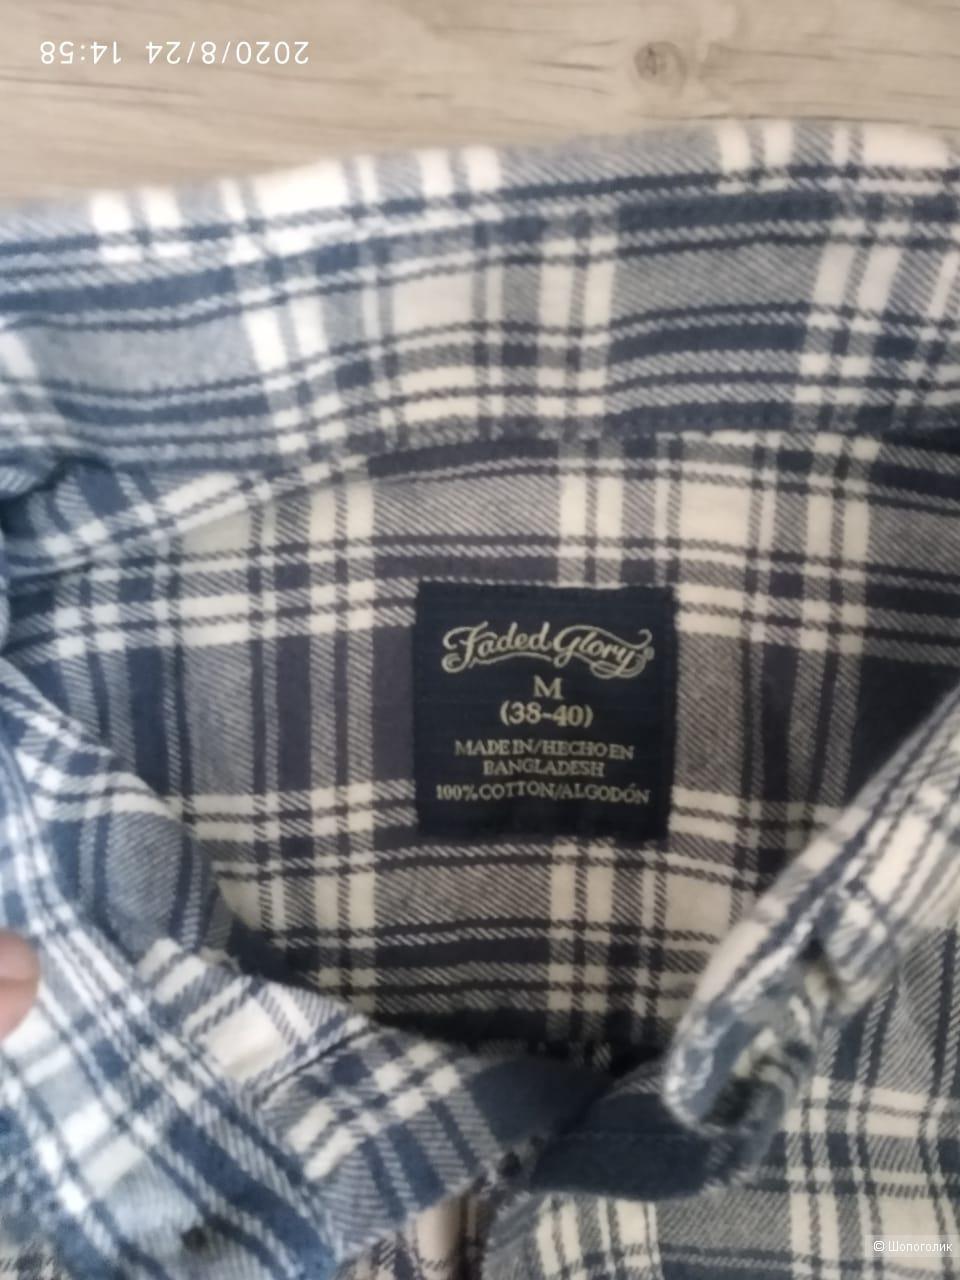 Рубашка Faded glory, размер M(38-40)